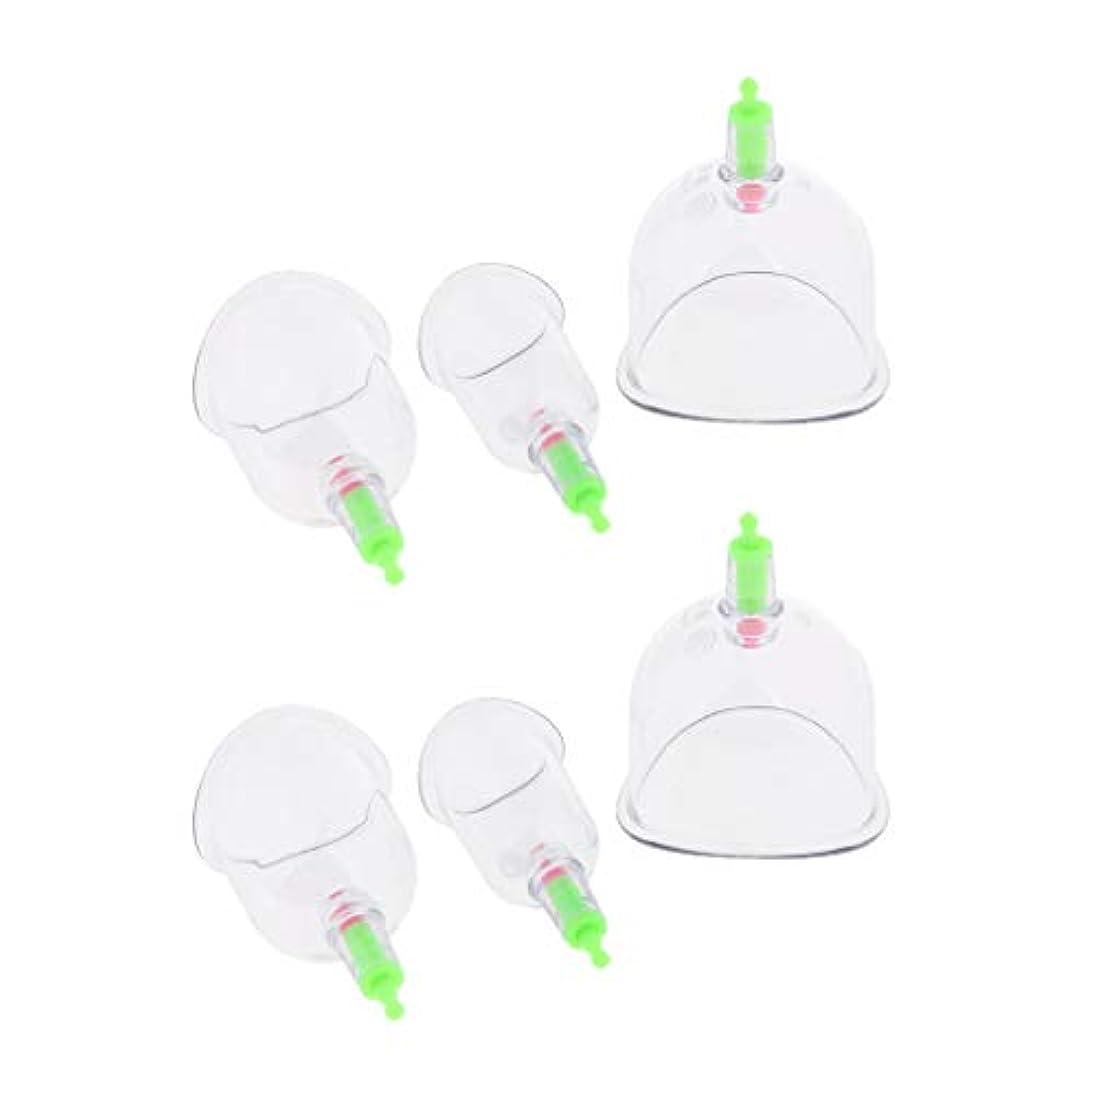 踊り子シャーウサギsharprepublic 吸い玉 カッピングセット 吸い玉カップ プラスチック製 マッサージ 疲労軽減 6個入り